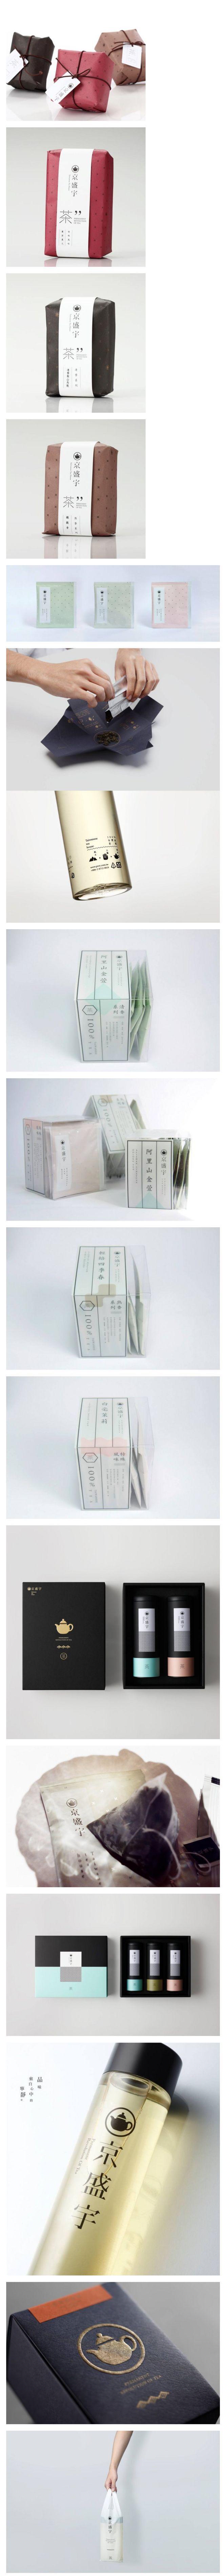 packaging / package design | Taiwan Tea Packaging 台湾茶品牌京盛宇: